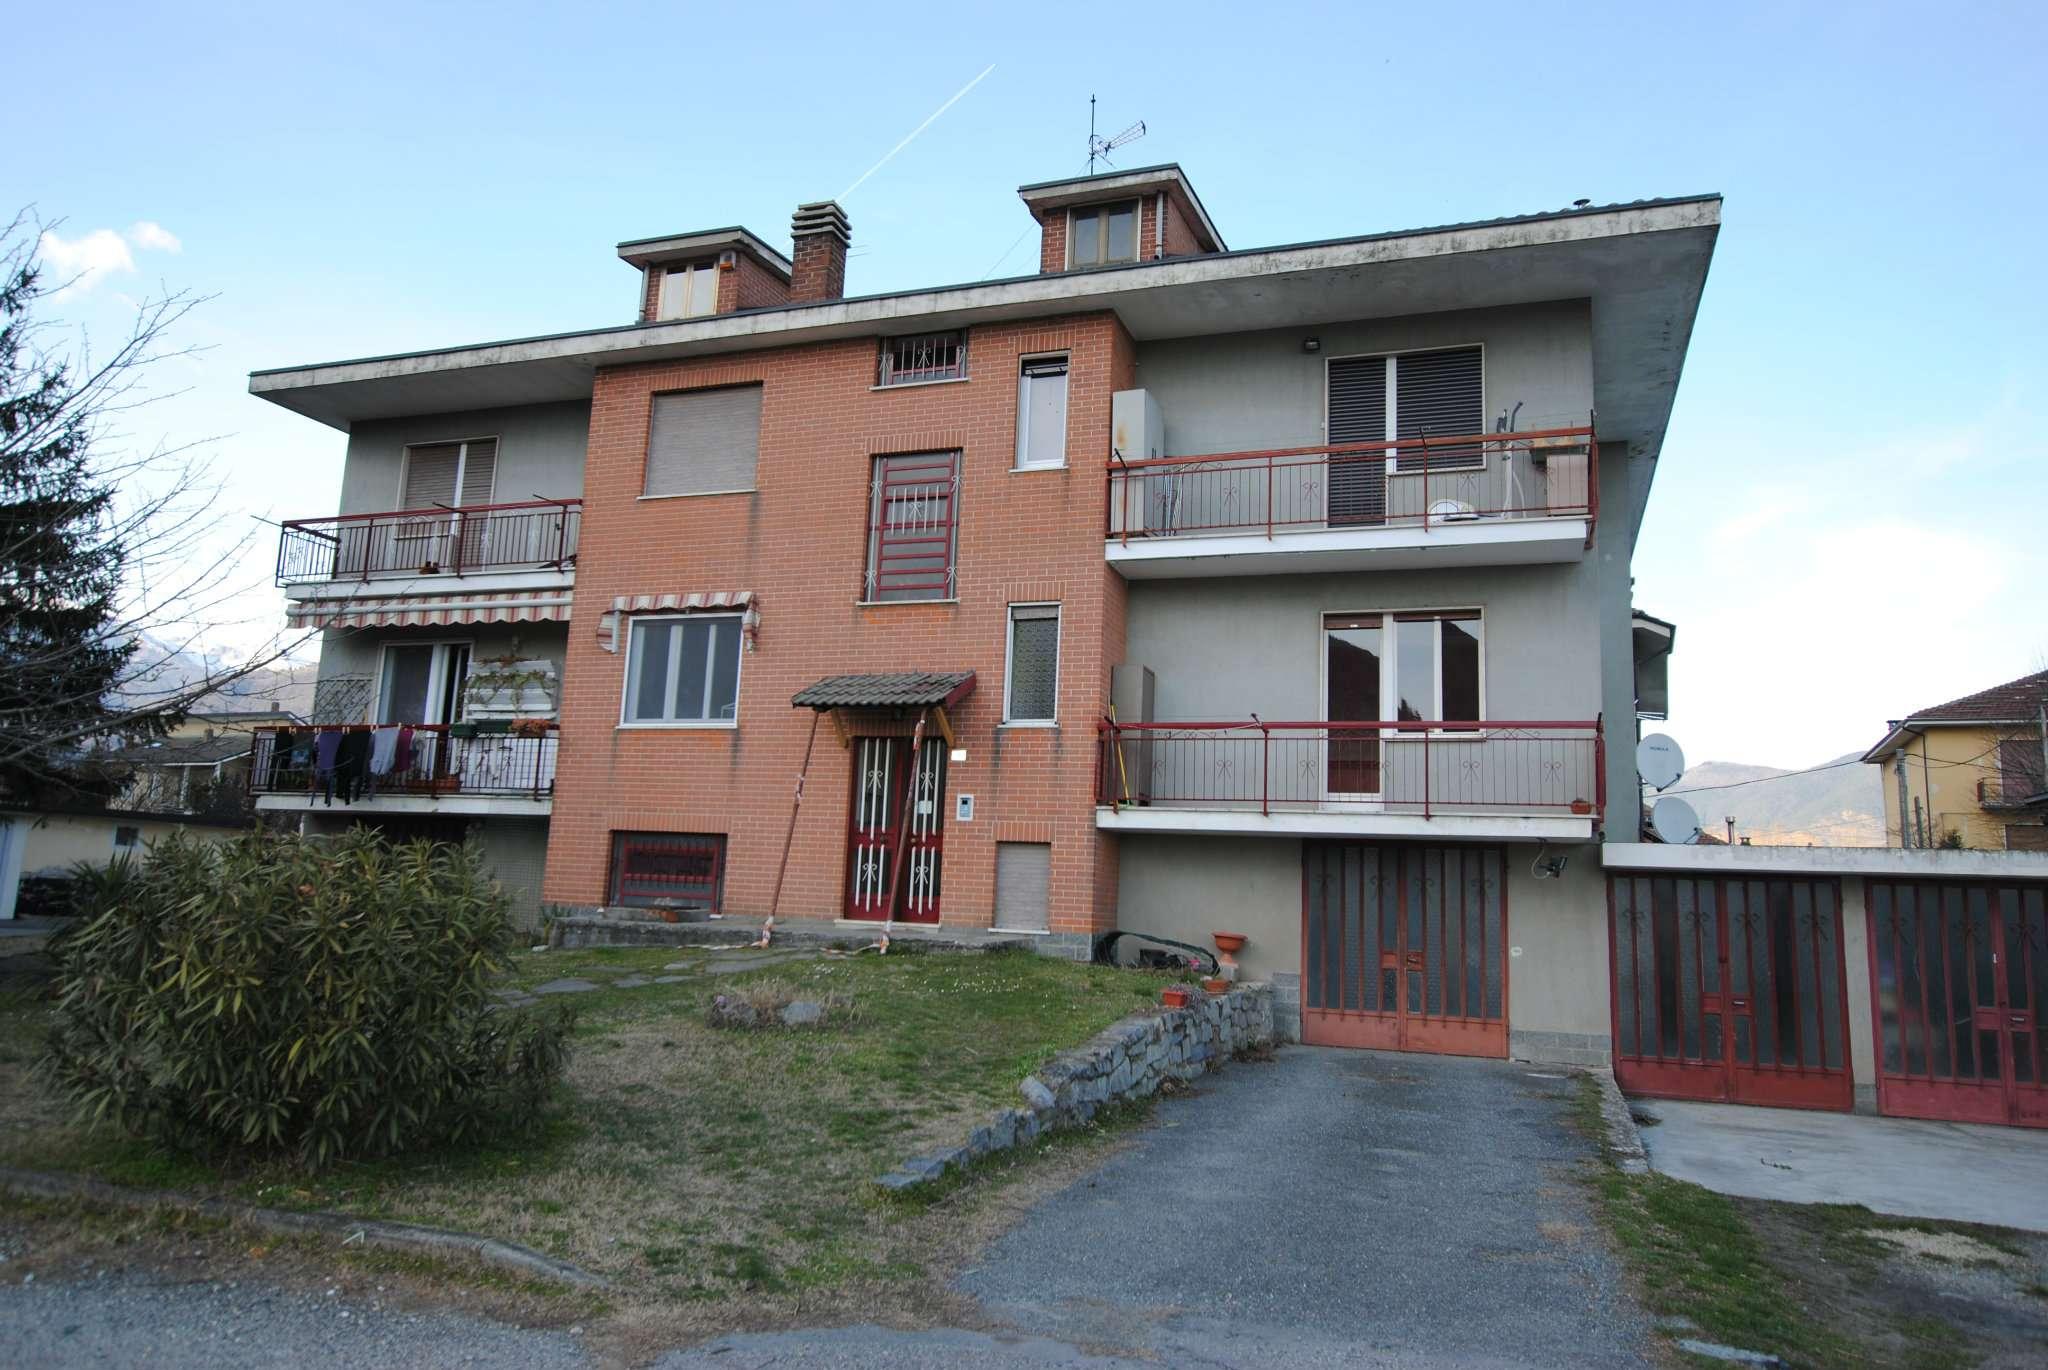 Appartamento in vendita a Sant'Ambrogio di Torino, 2 locali, prezzo € 115.000 | Cambio Casa.it